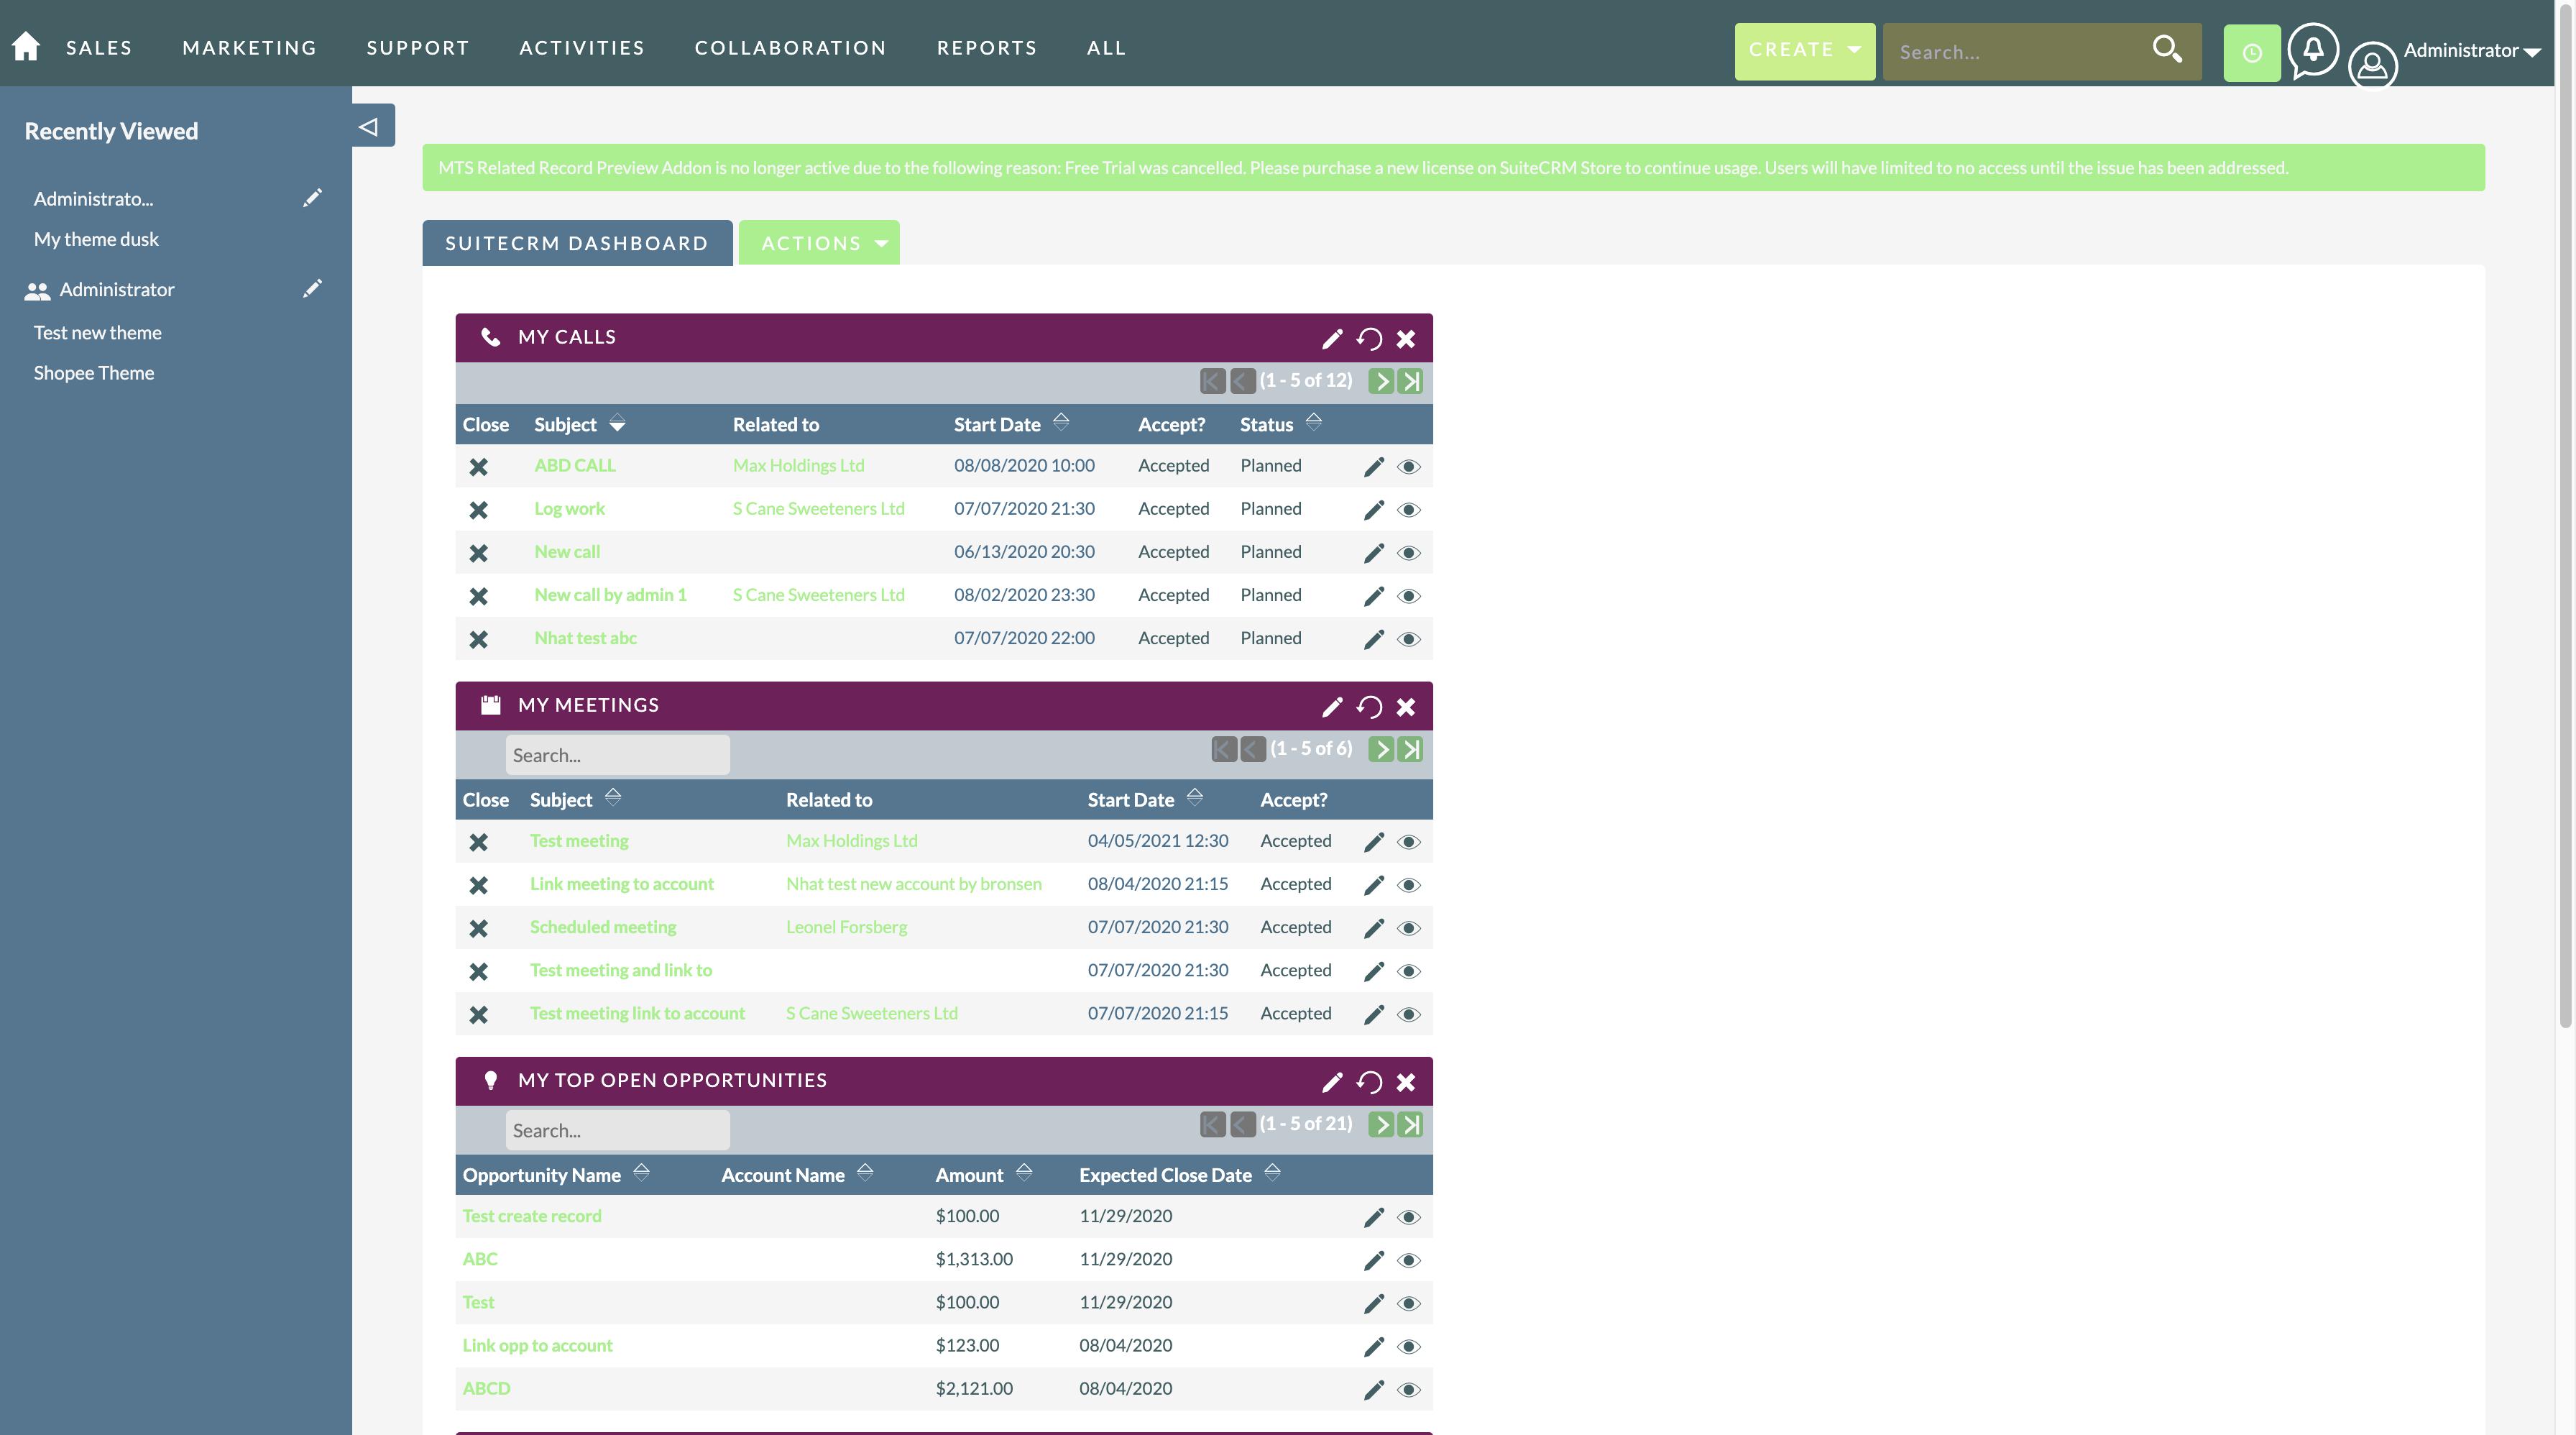 MTS Theme Builder for SuiteCRM dashlet